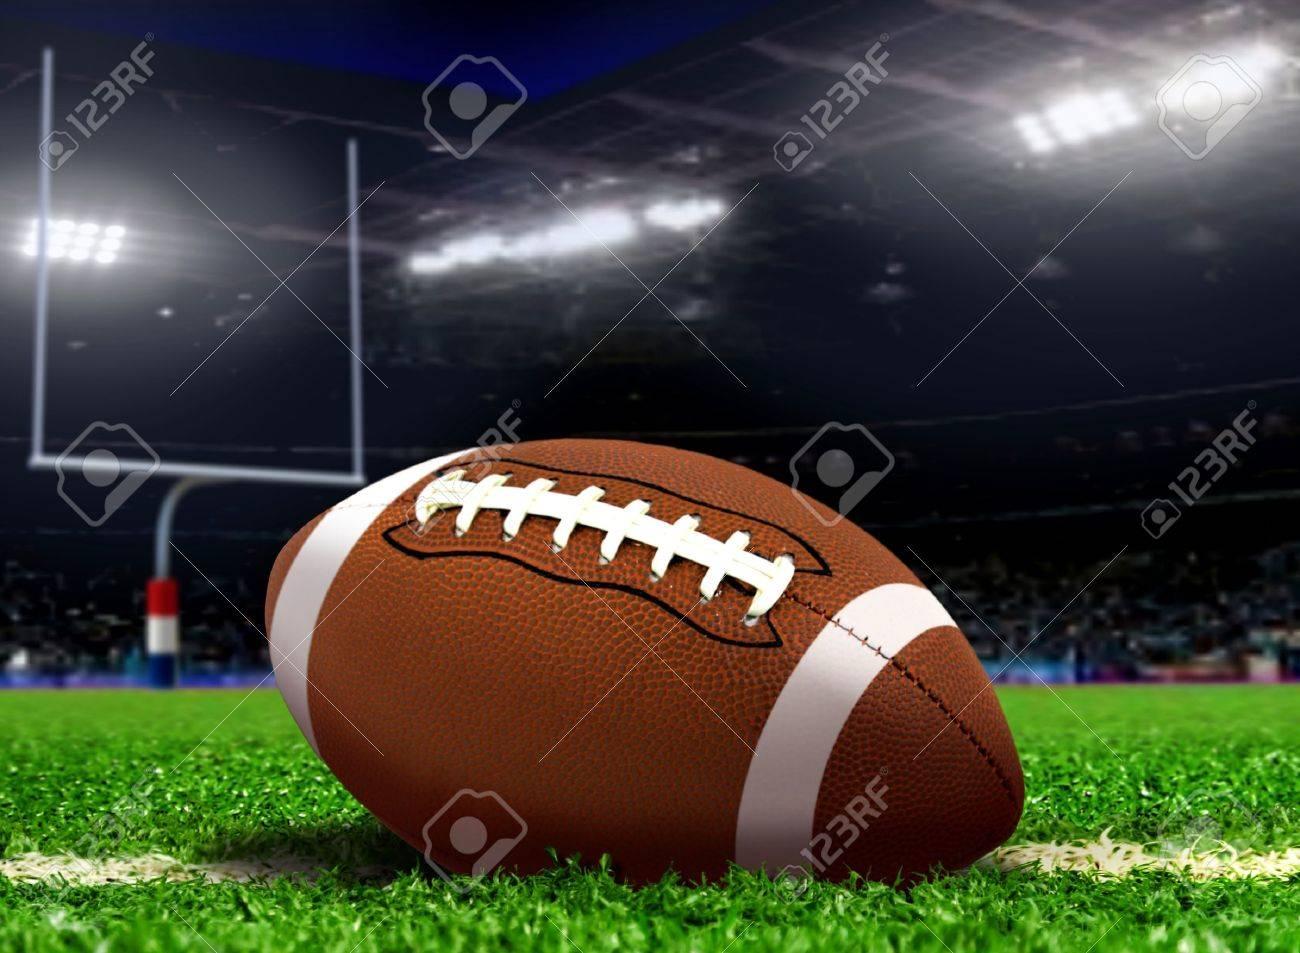 Football Ball on Grass in Stadium - 31819022